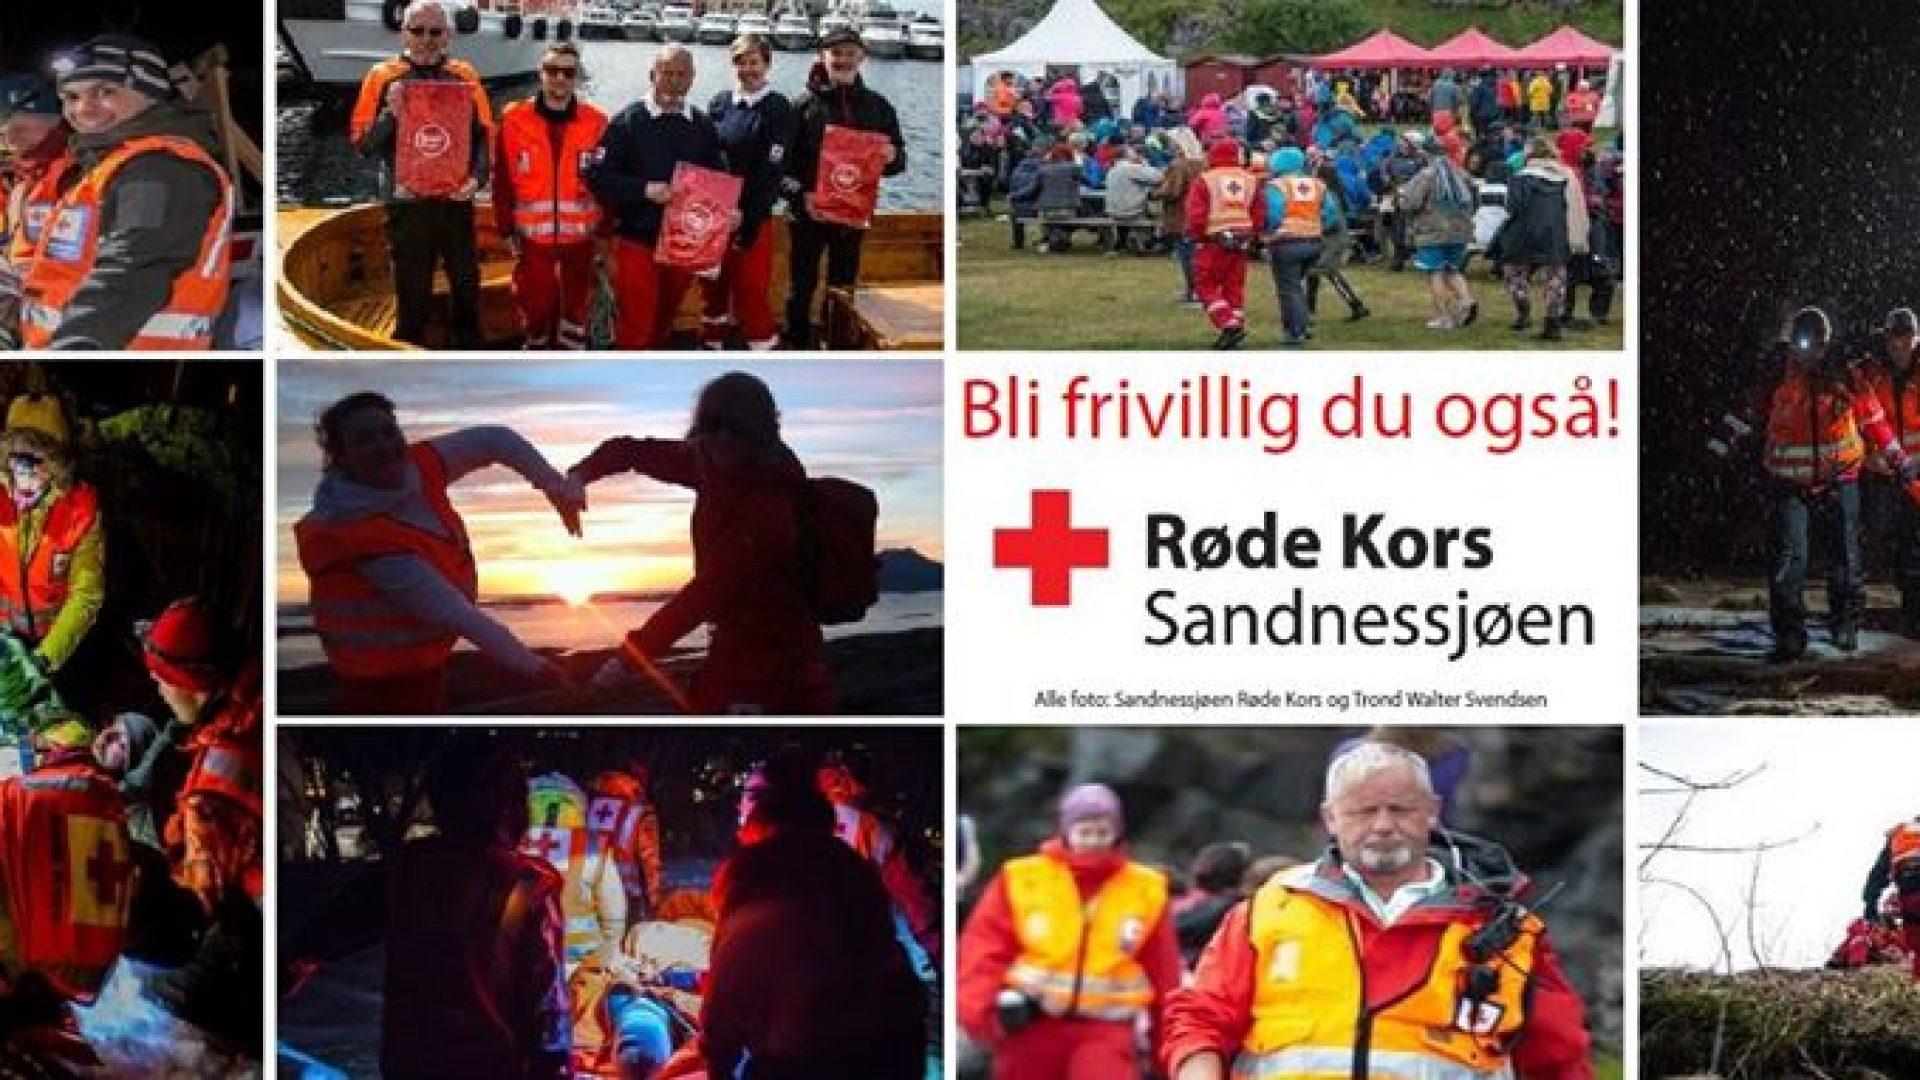 Røde kors- Bli frivillig du også